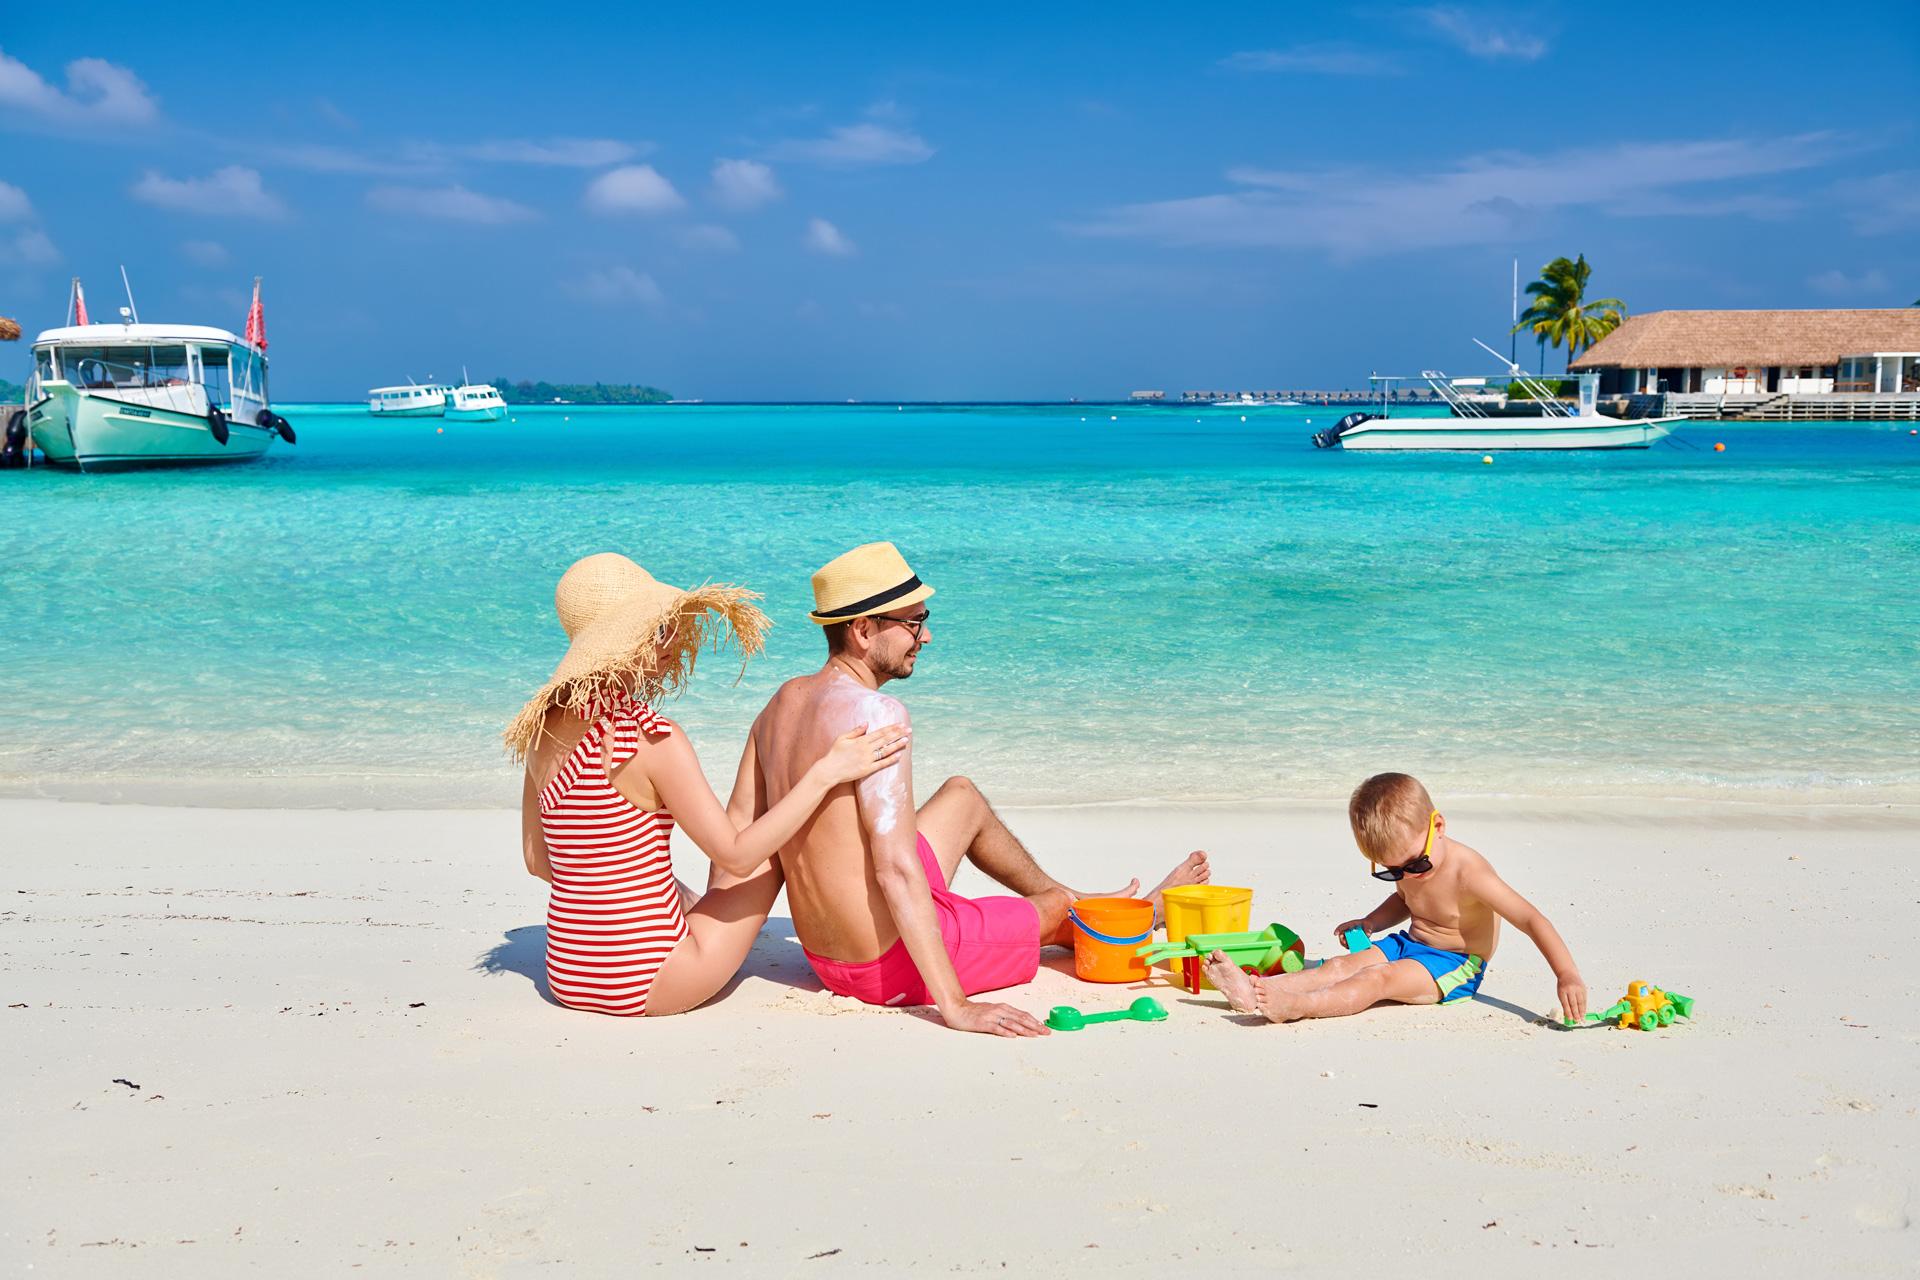 Mãe aplicando protetor solar no pai enquanto filho brinca com areia